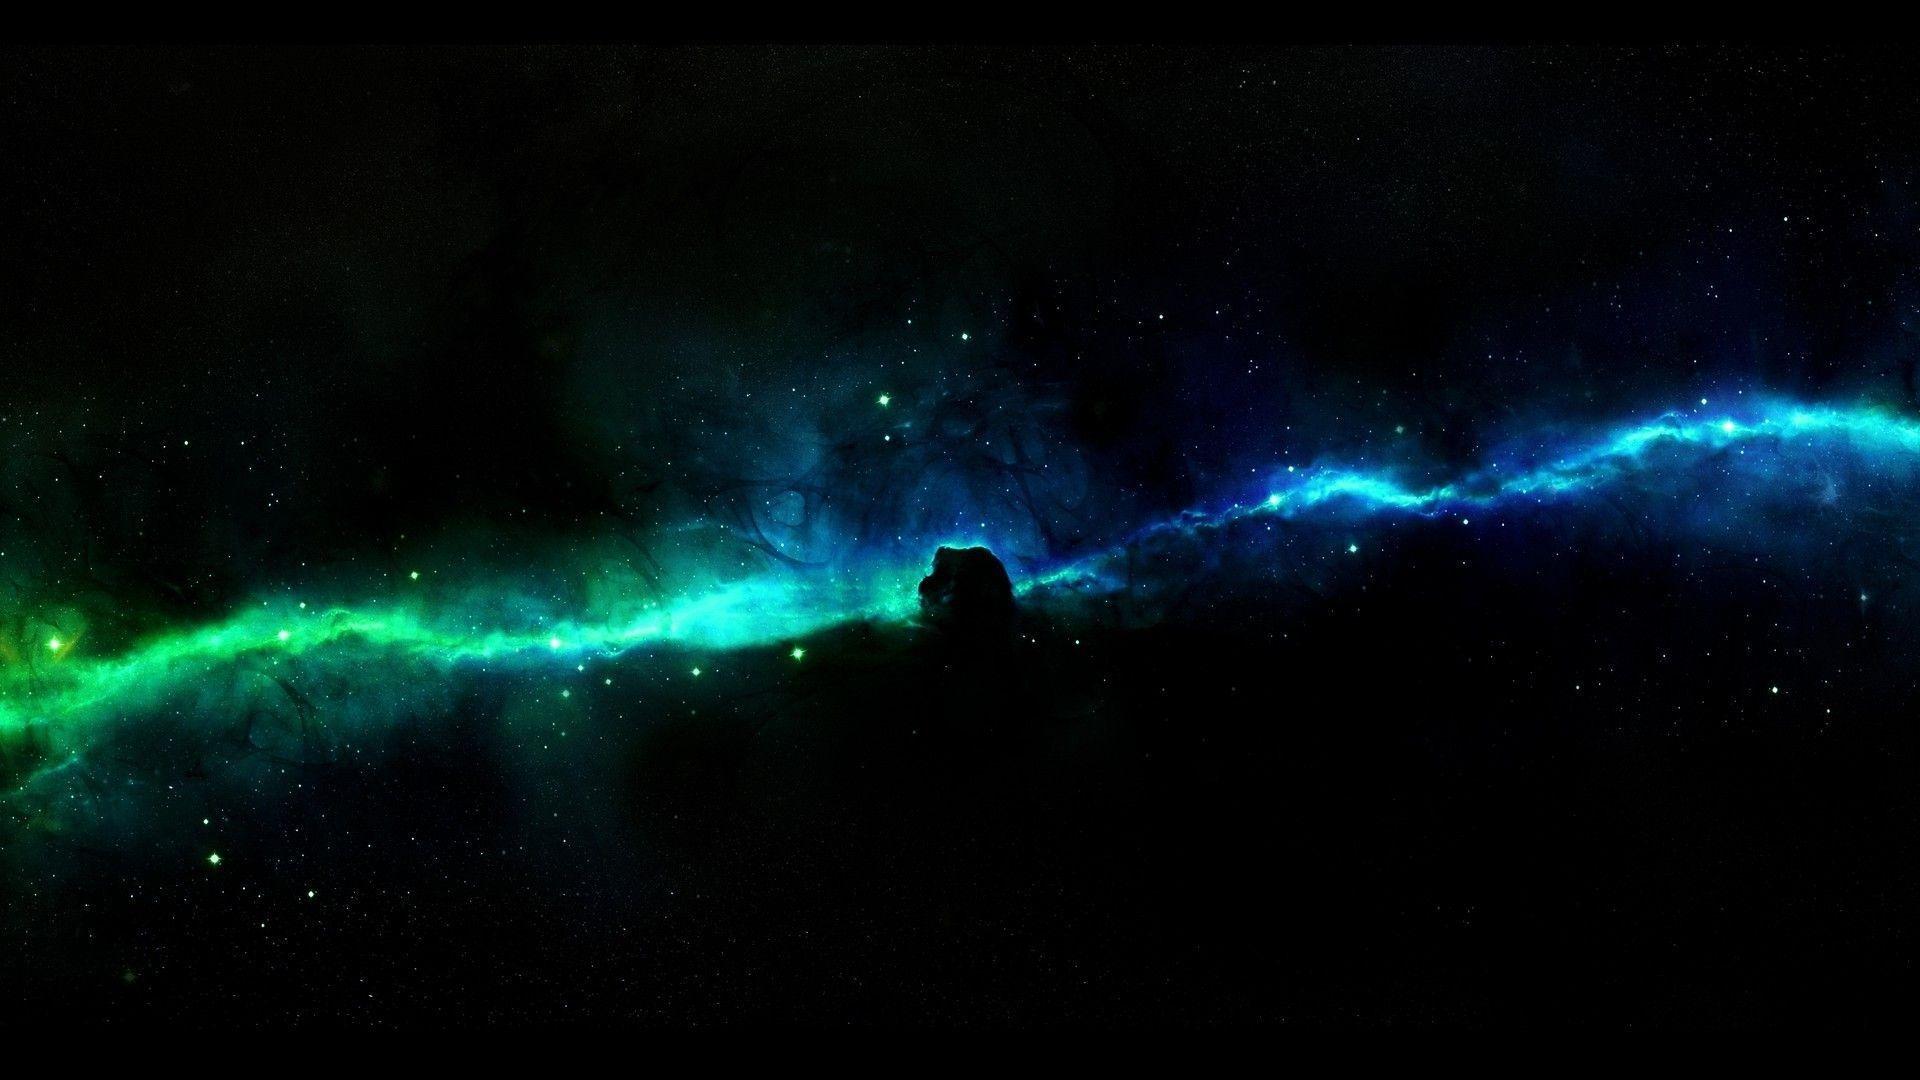 Top Wallpaper Horse Nebula - facace0d8888f3a3c234f4d2f2bca0f9  Pic_648497.jpg